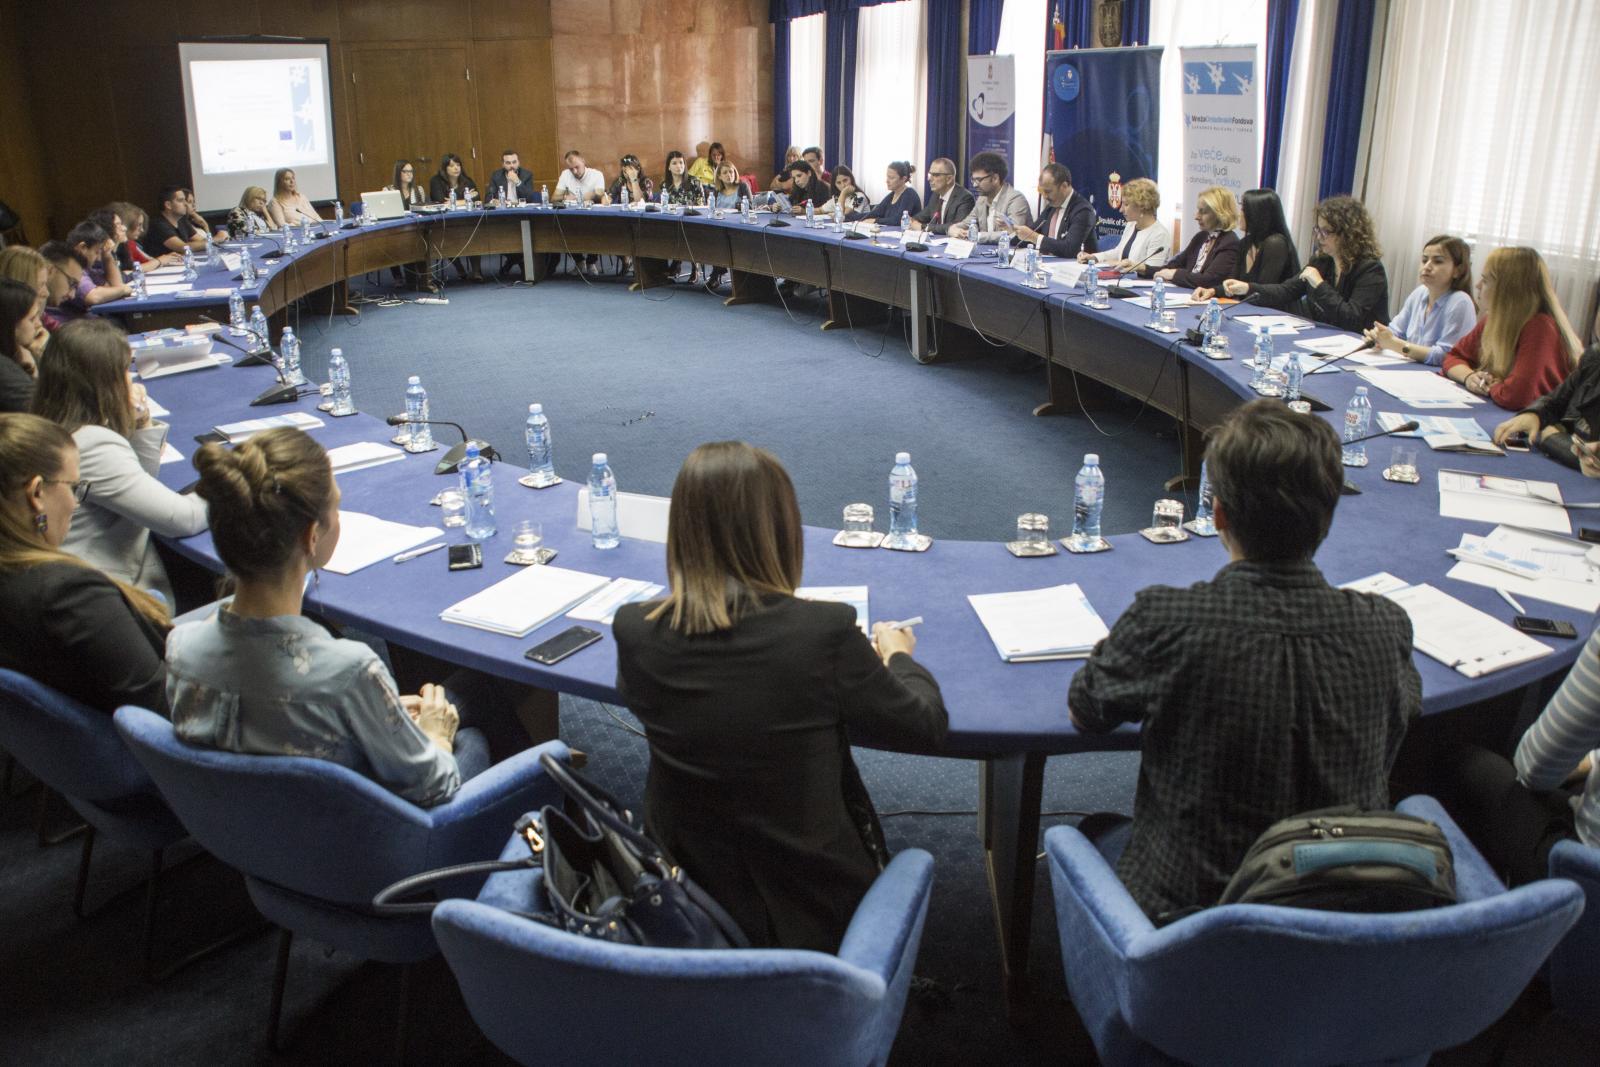 Državni sekretar Darko Stanić na otvaranju okruglog stola o položaju mladih na Zapadnom Balkanu i Turskoj